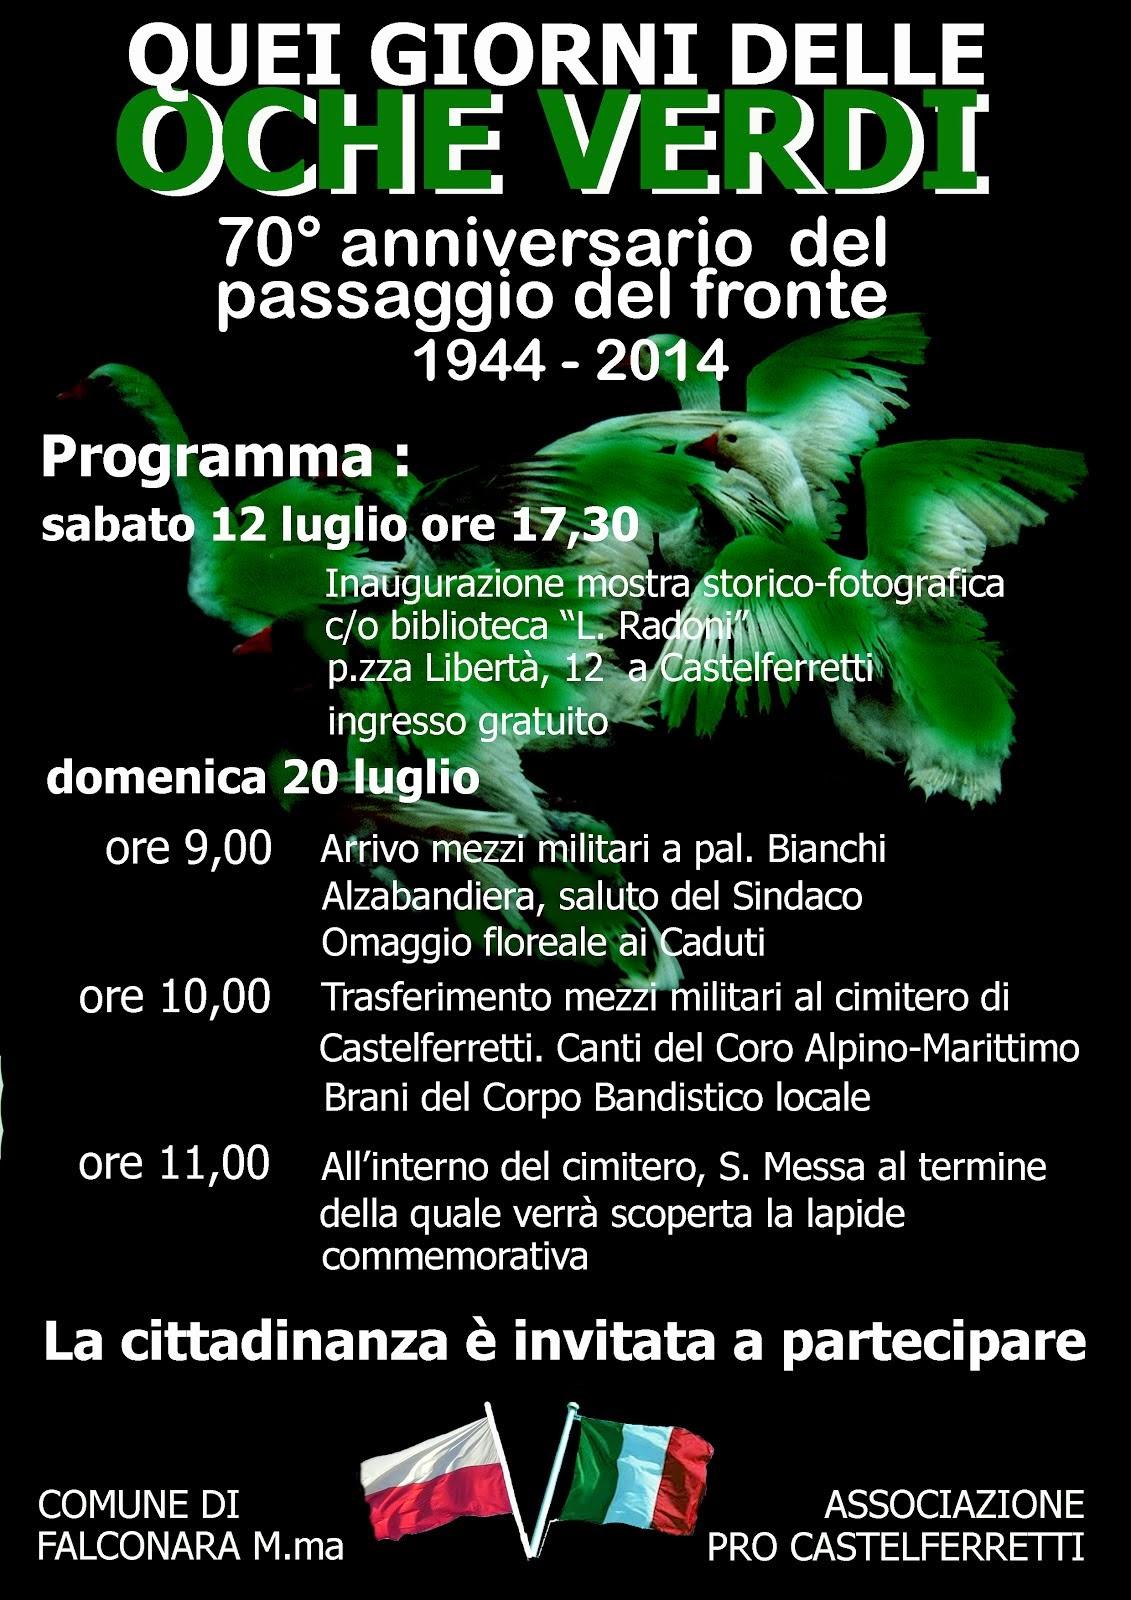 20 luglio 1944 ore 9-13 Castelferretti